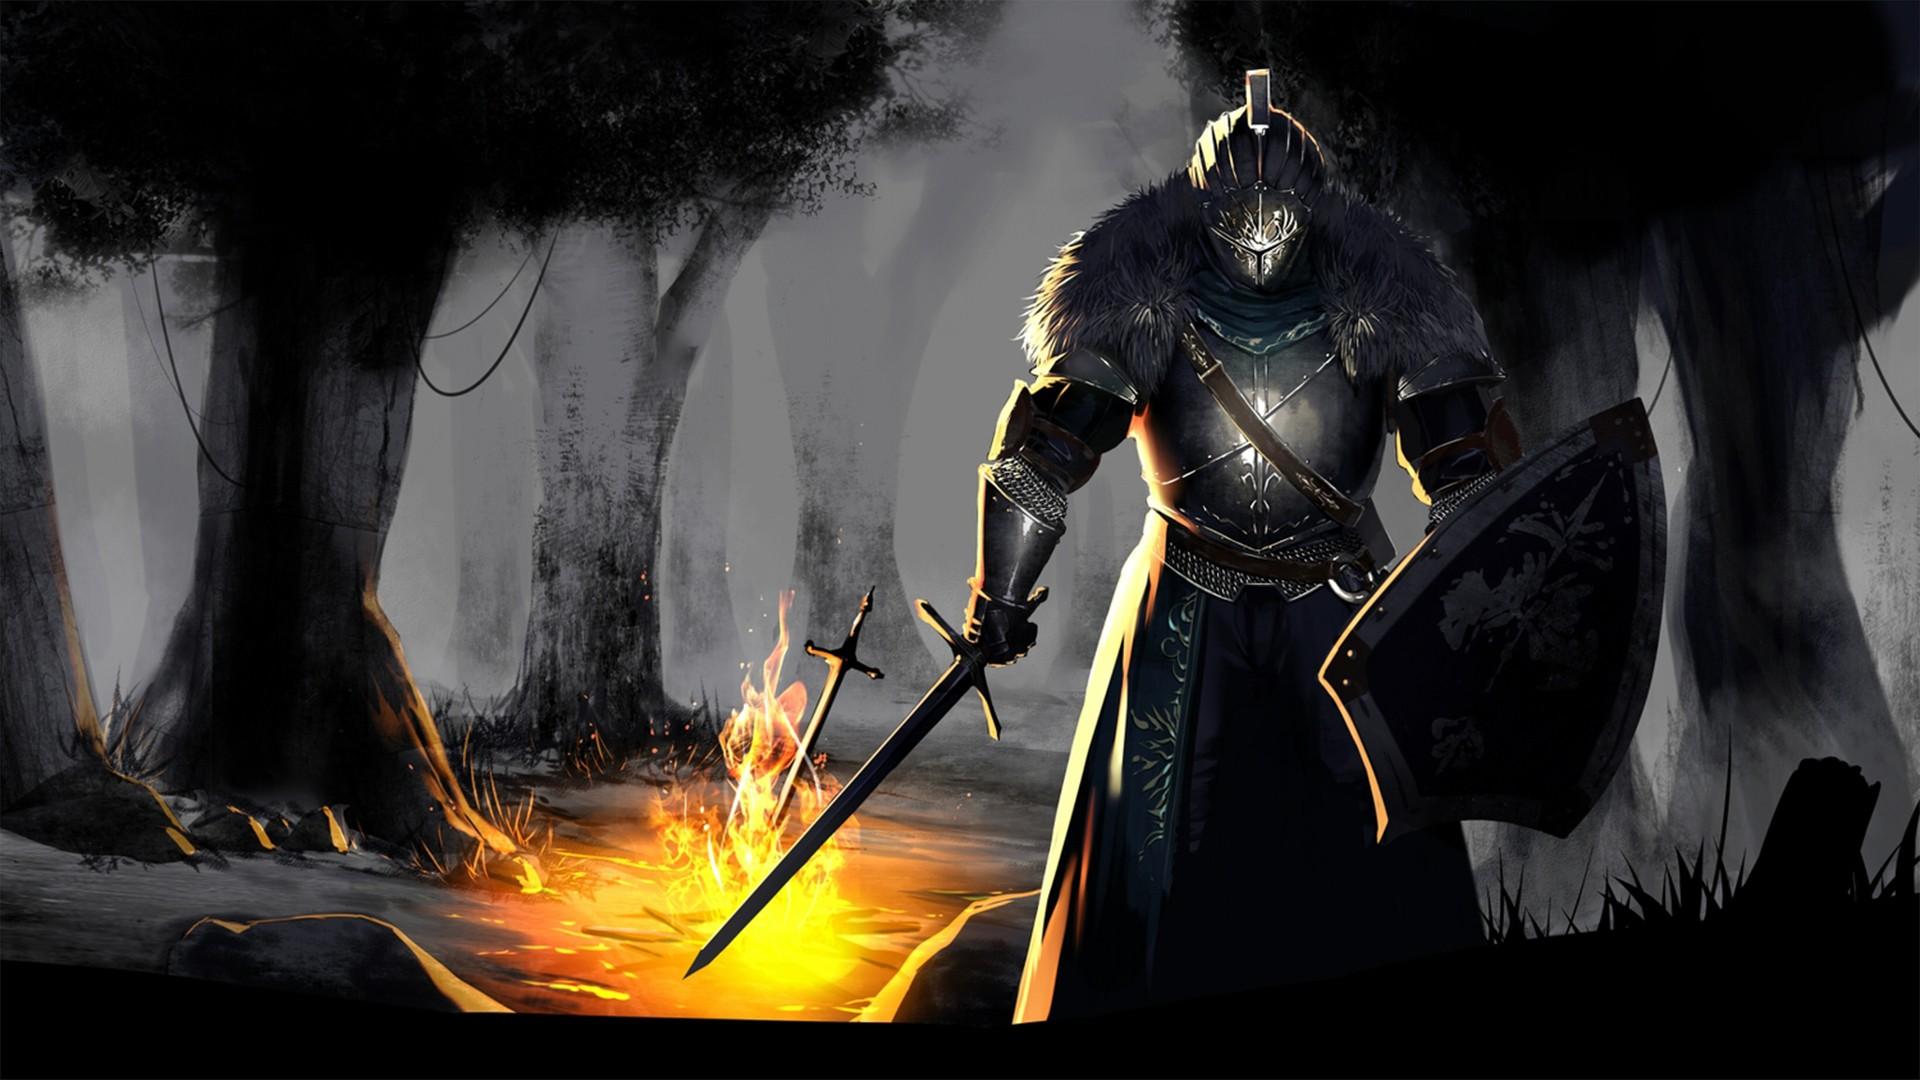 Wallpaper Forest Video Games Fantasy Art Dark Souls Ii Fire Sword Dark Souls Iii Dark Souls Darkness Screenshot Computer Wallpaper Fictional Character 1920x1080 Mirtilla 257660 Hd Wallpapers Wallhere